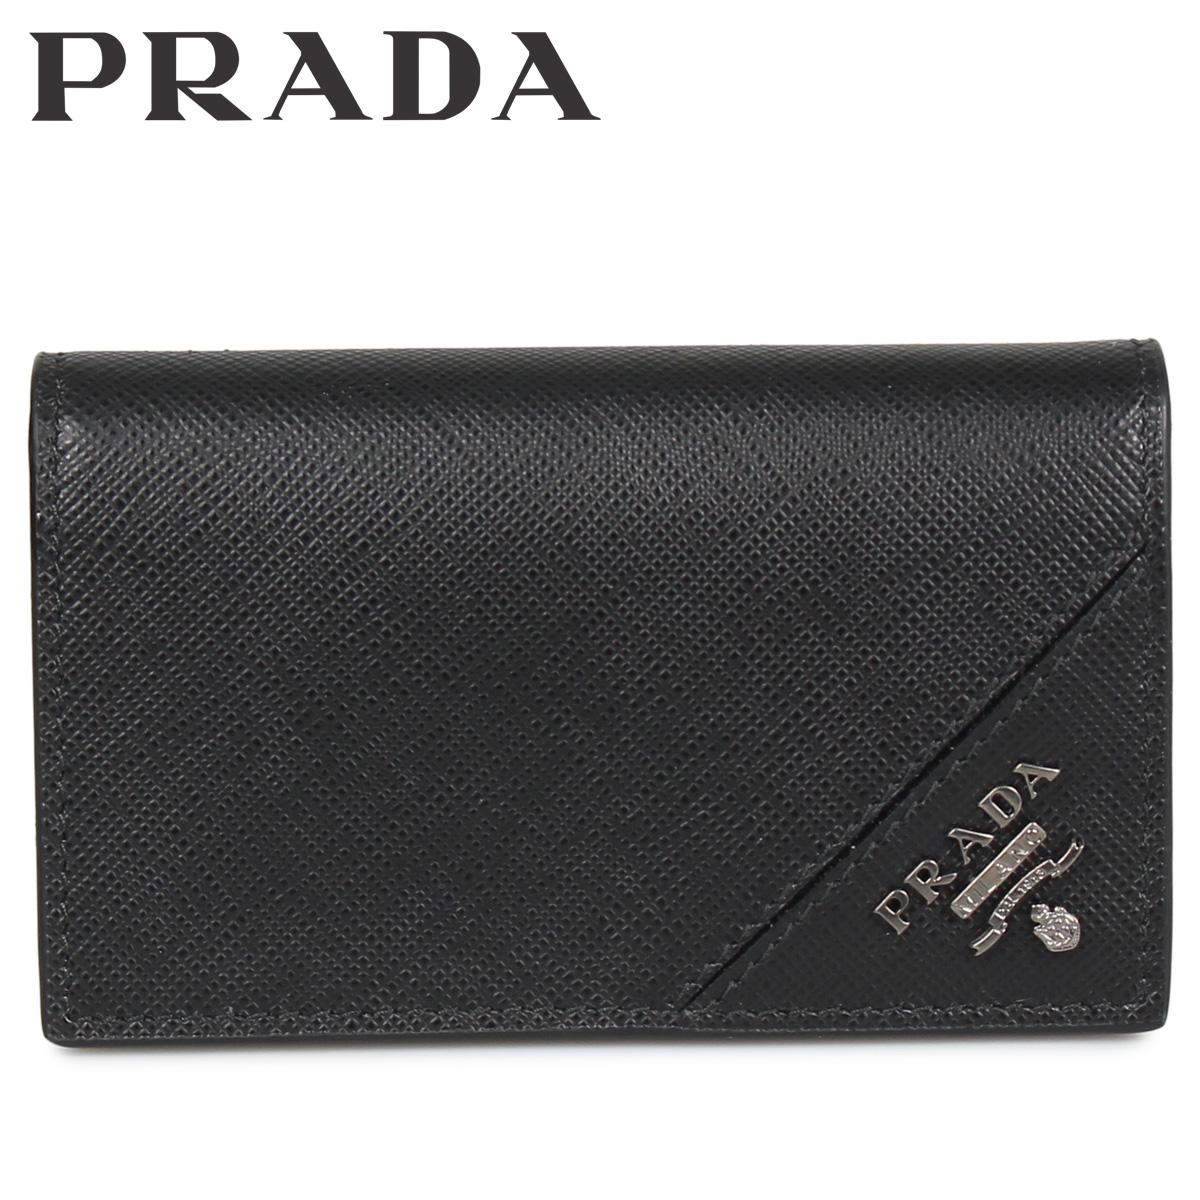 プラダ PRADA 名刺入れ カードケース カードホルダー メンズ サフィアーノ BUSINESS CARD HOLDER VOFTM ブラック 黒 2MC122QME